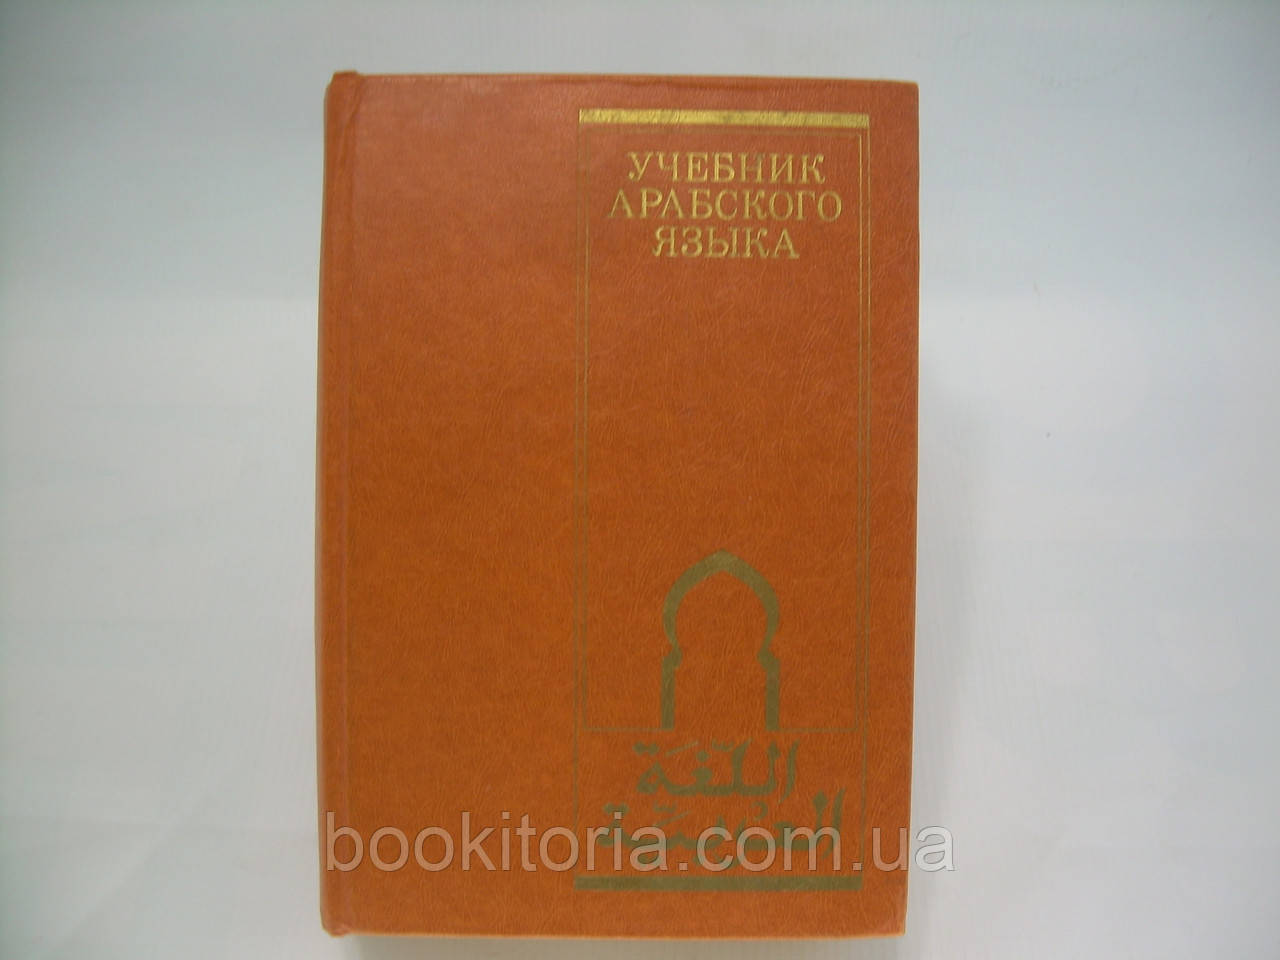 Шагаль В.Э., Мерекин М.Н., Забиров Ф.С. Учебник арабского языка (б/у).